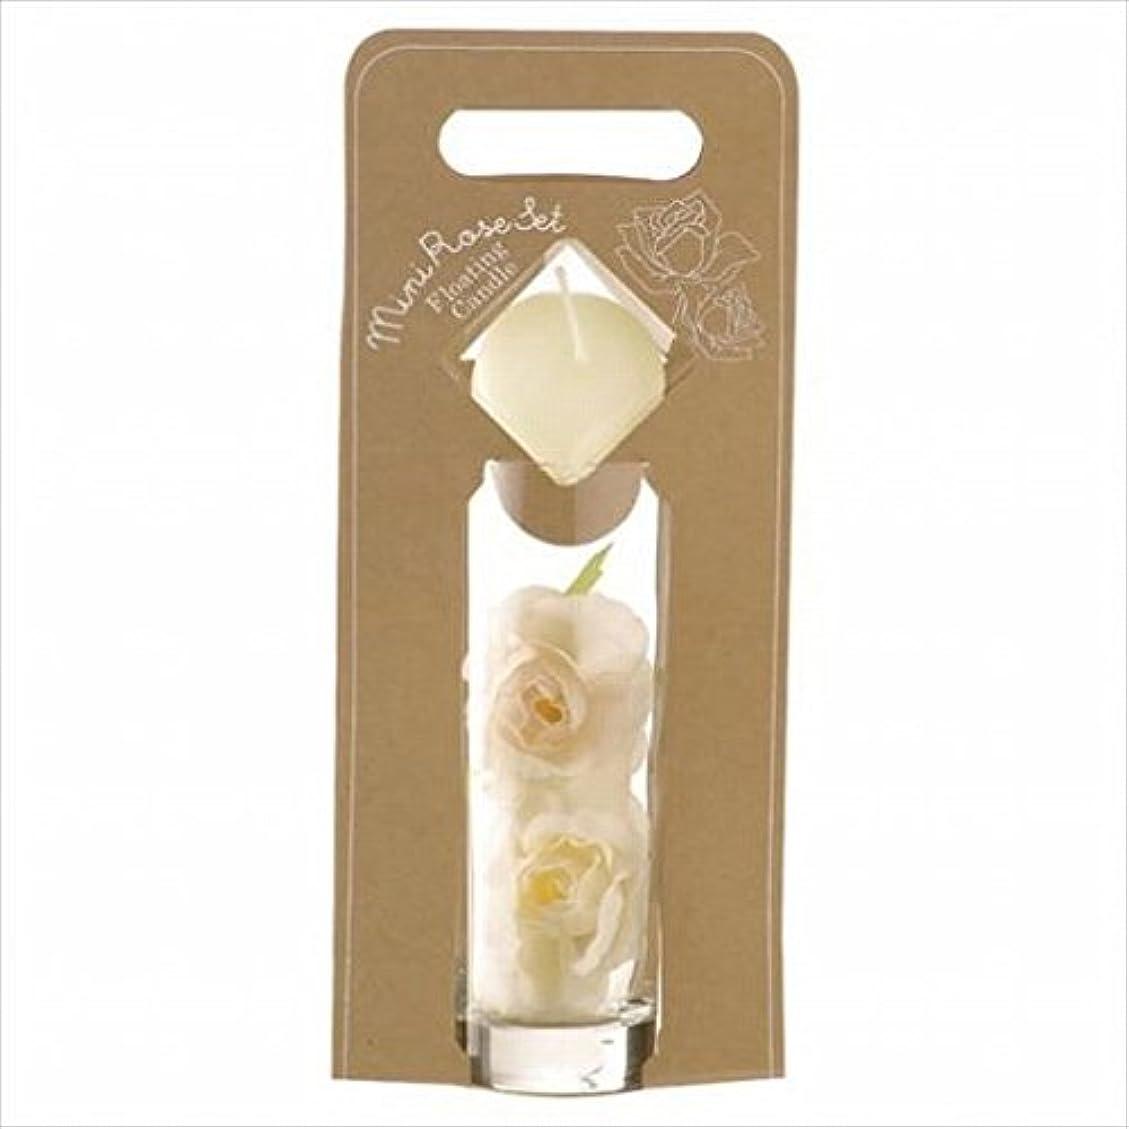 静かに振る展開するkameyama candle(カメヤマキャンドル) ミニローズセット 「 アイボリー 」(A7620005IV)